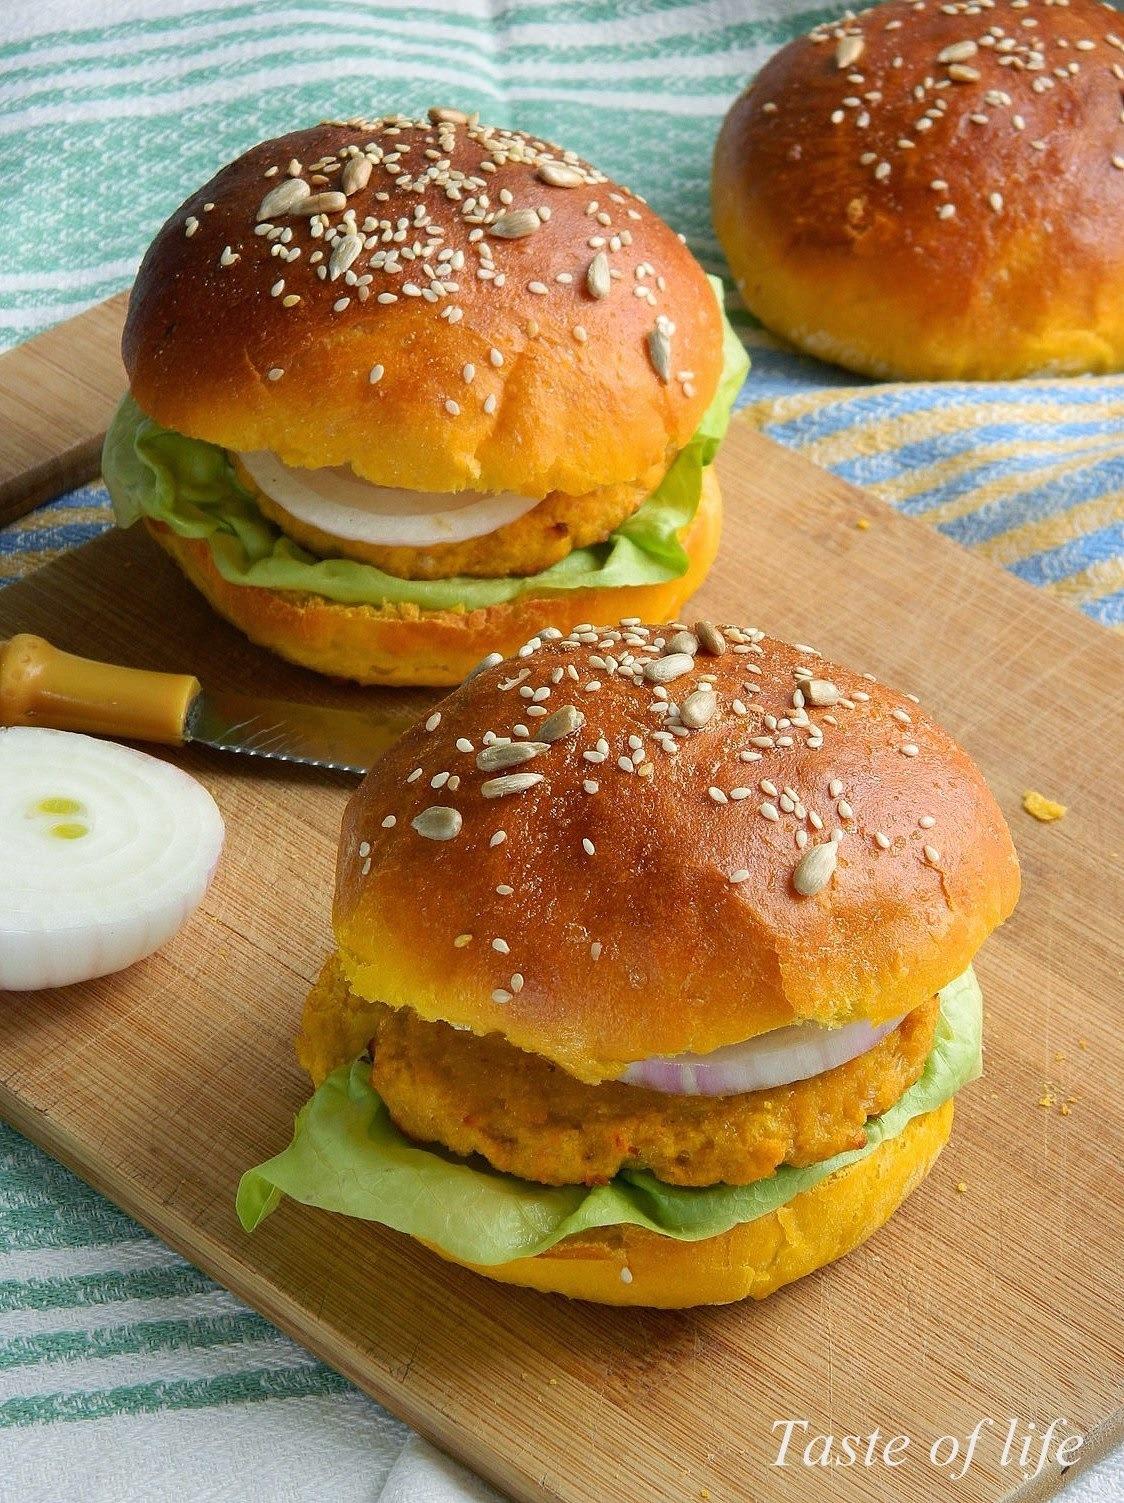 Bundevasto-pileći burgeri